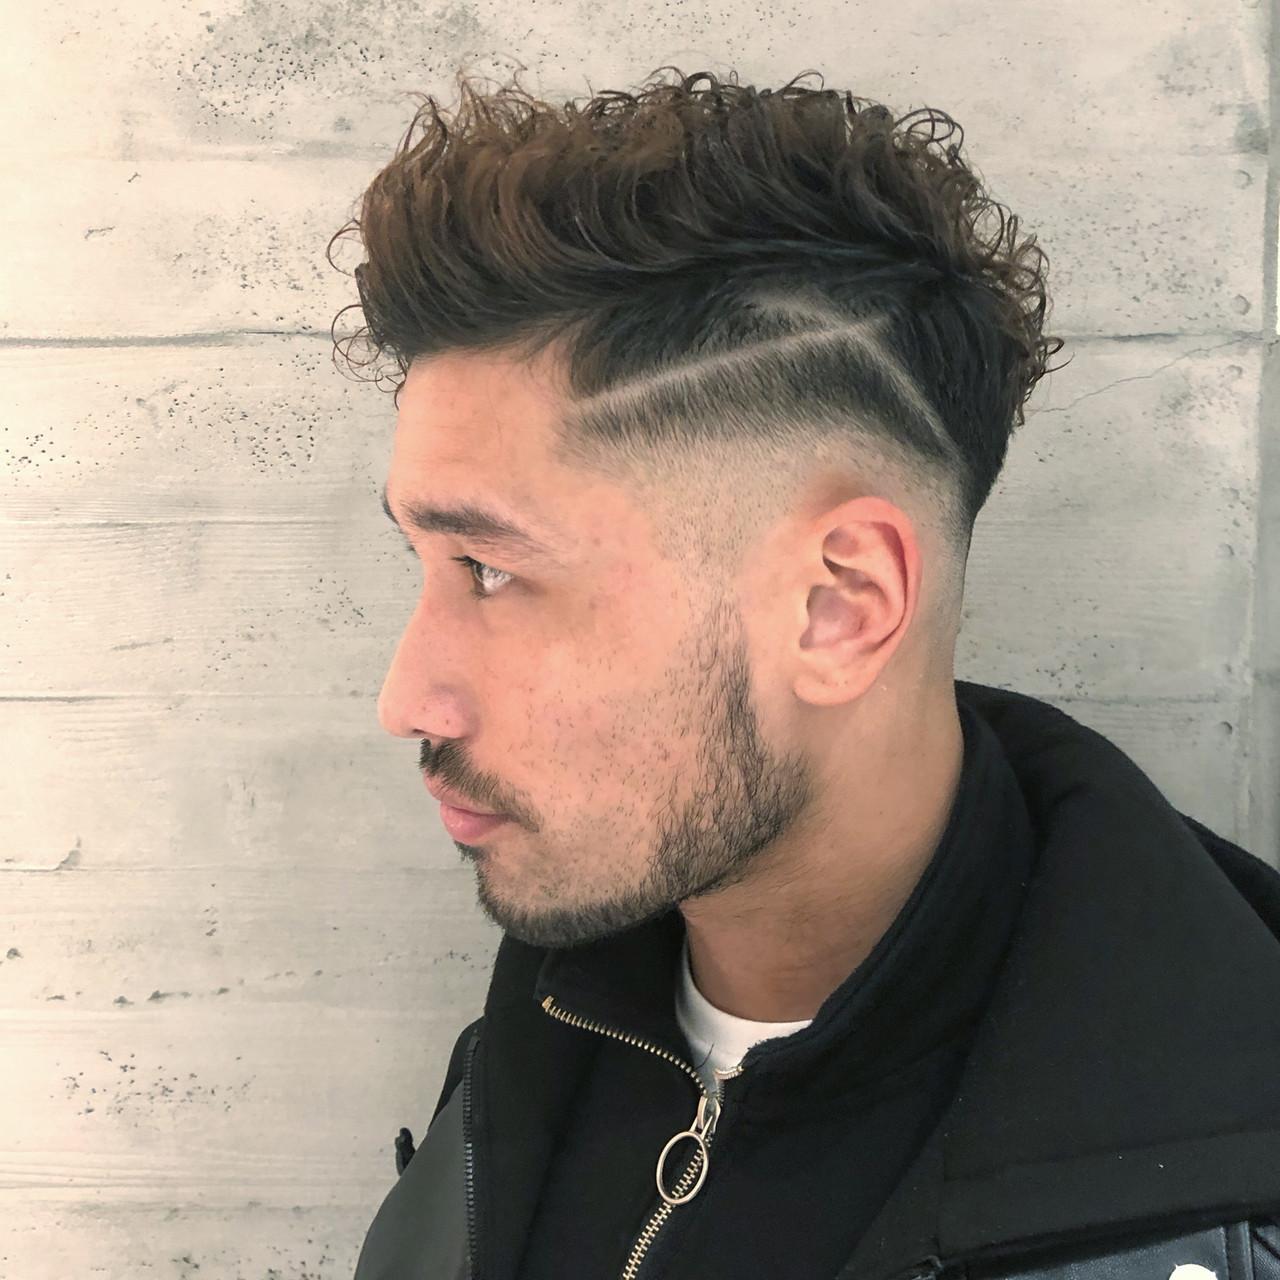 ストリート ショート スキンフェード メンズパーマ ヘアスタイルや髪型の写真・画像